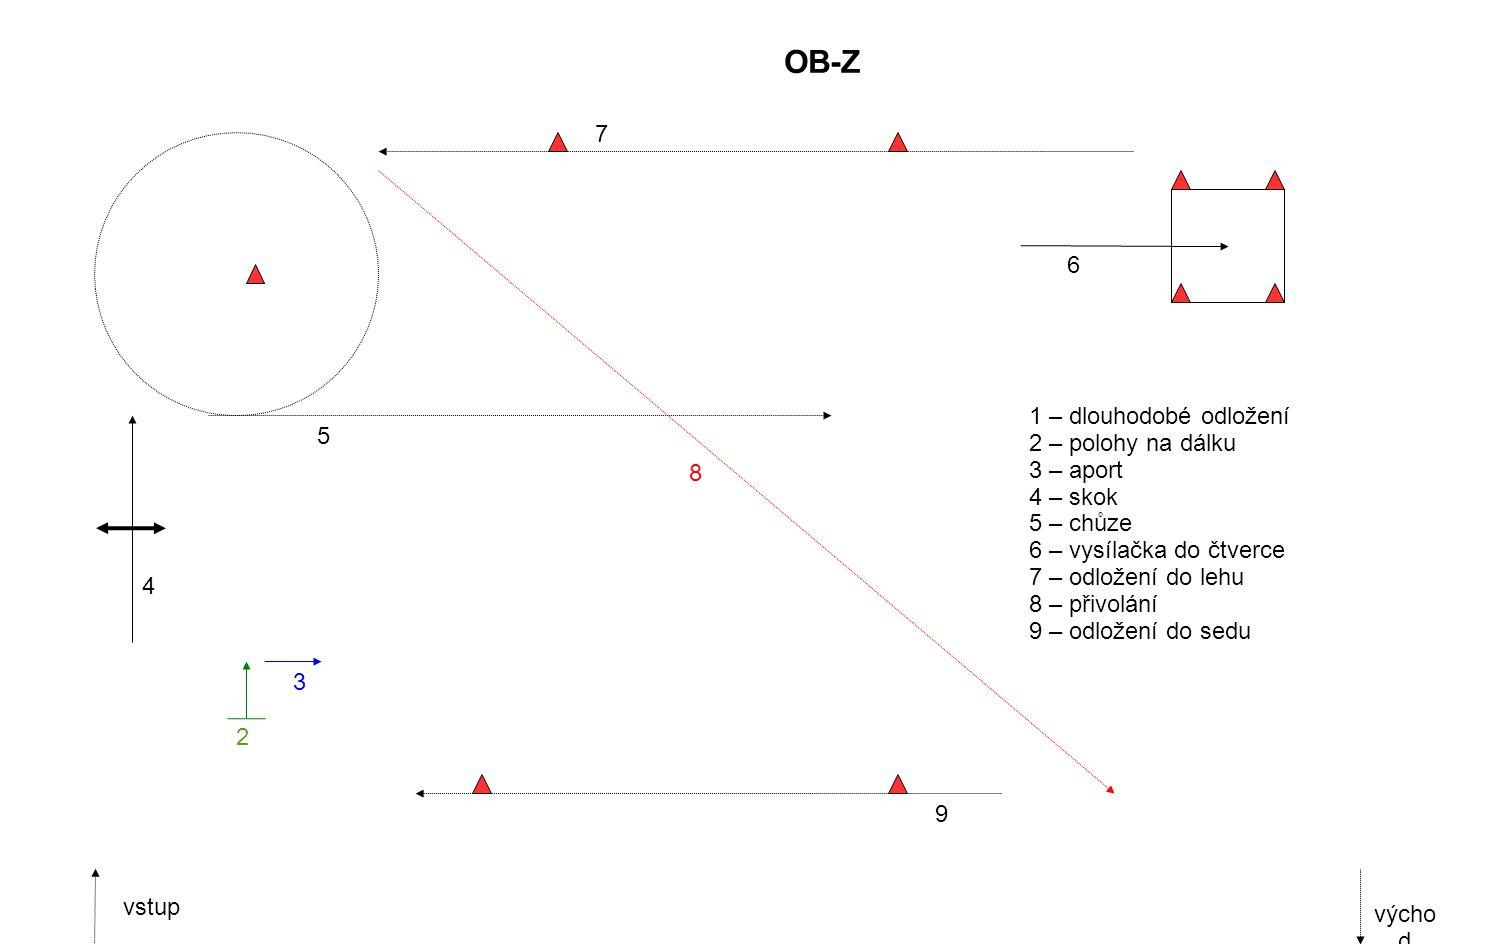 2 3 4 7 6 1 – dlouhodobé odložení 2 – polohy na dálku 3 – aport 4 – skok 5 – chůze 6 – vysílačka do čtverce 7 – odložení do lehu 8 – přivolání 9 – odložení do sedu vstup výcho d OB-Z 5 8 9